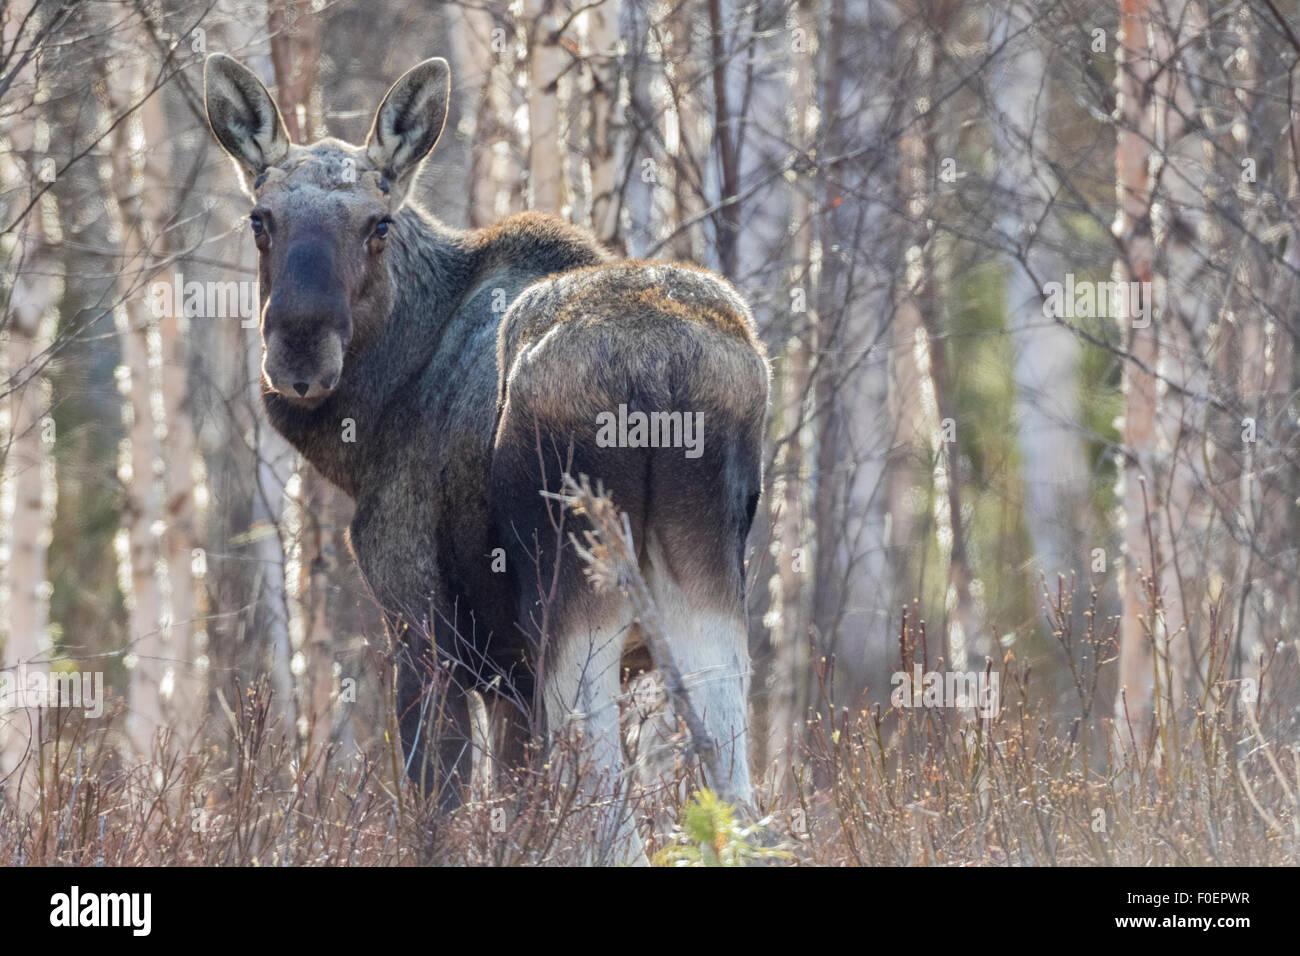 Elch, Alces Alces, stehend unter Birken mit keine Blätter, Llooking in Kamera, Gällivare, Schwedisch Lappland, Stockbild